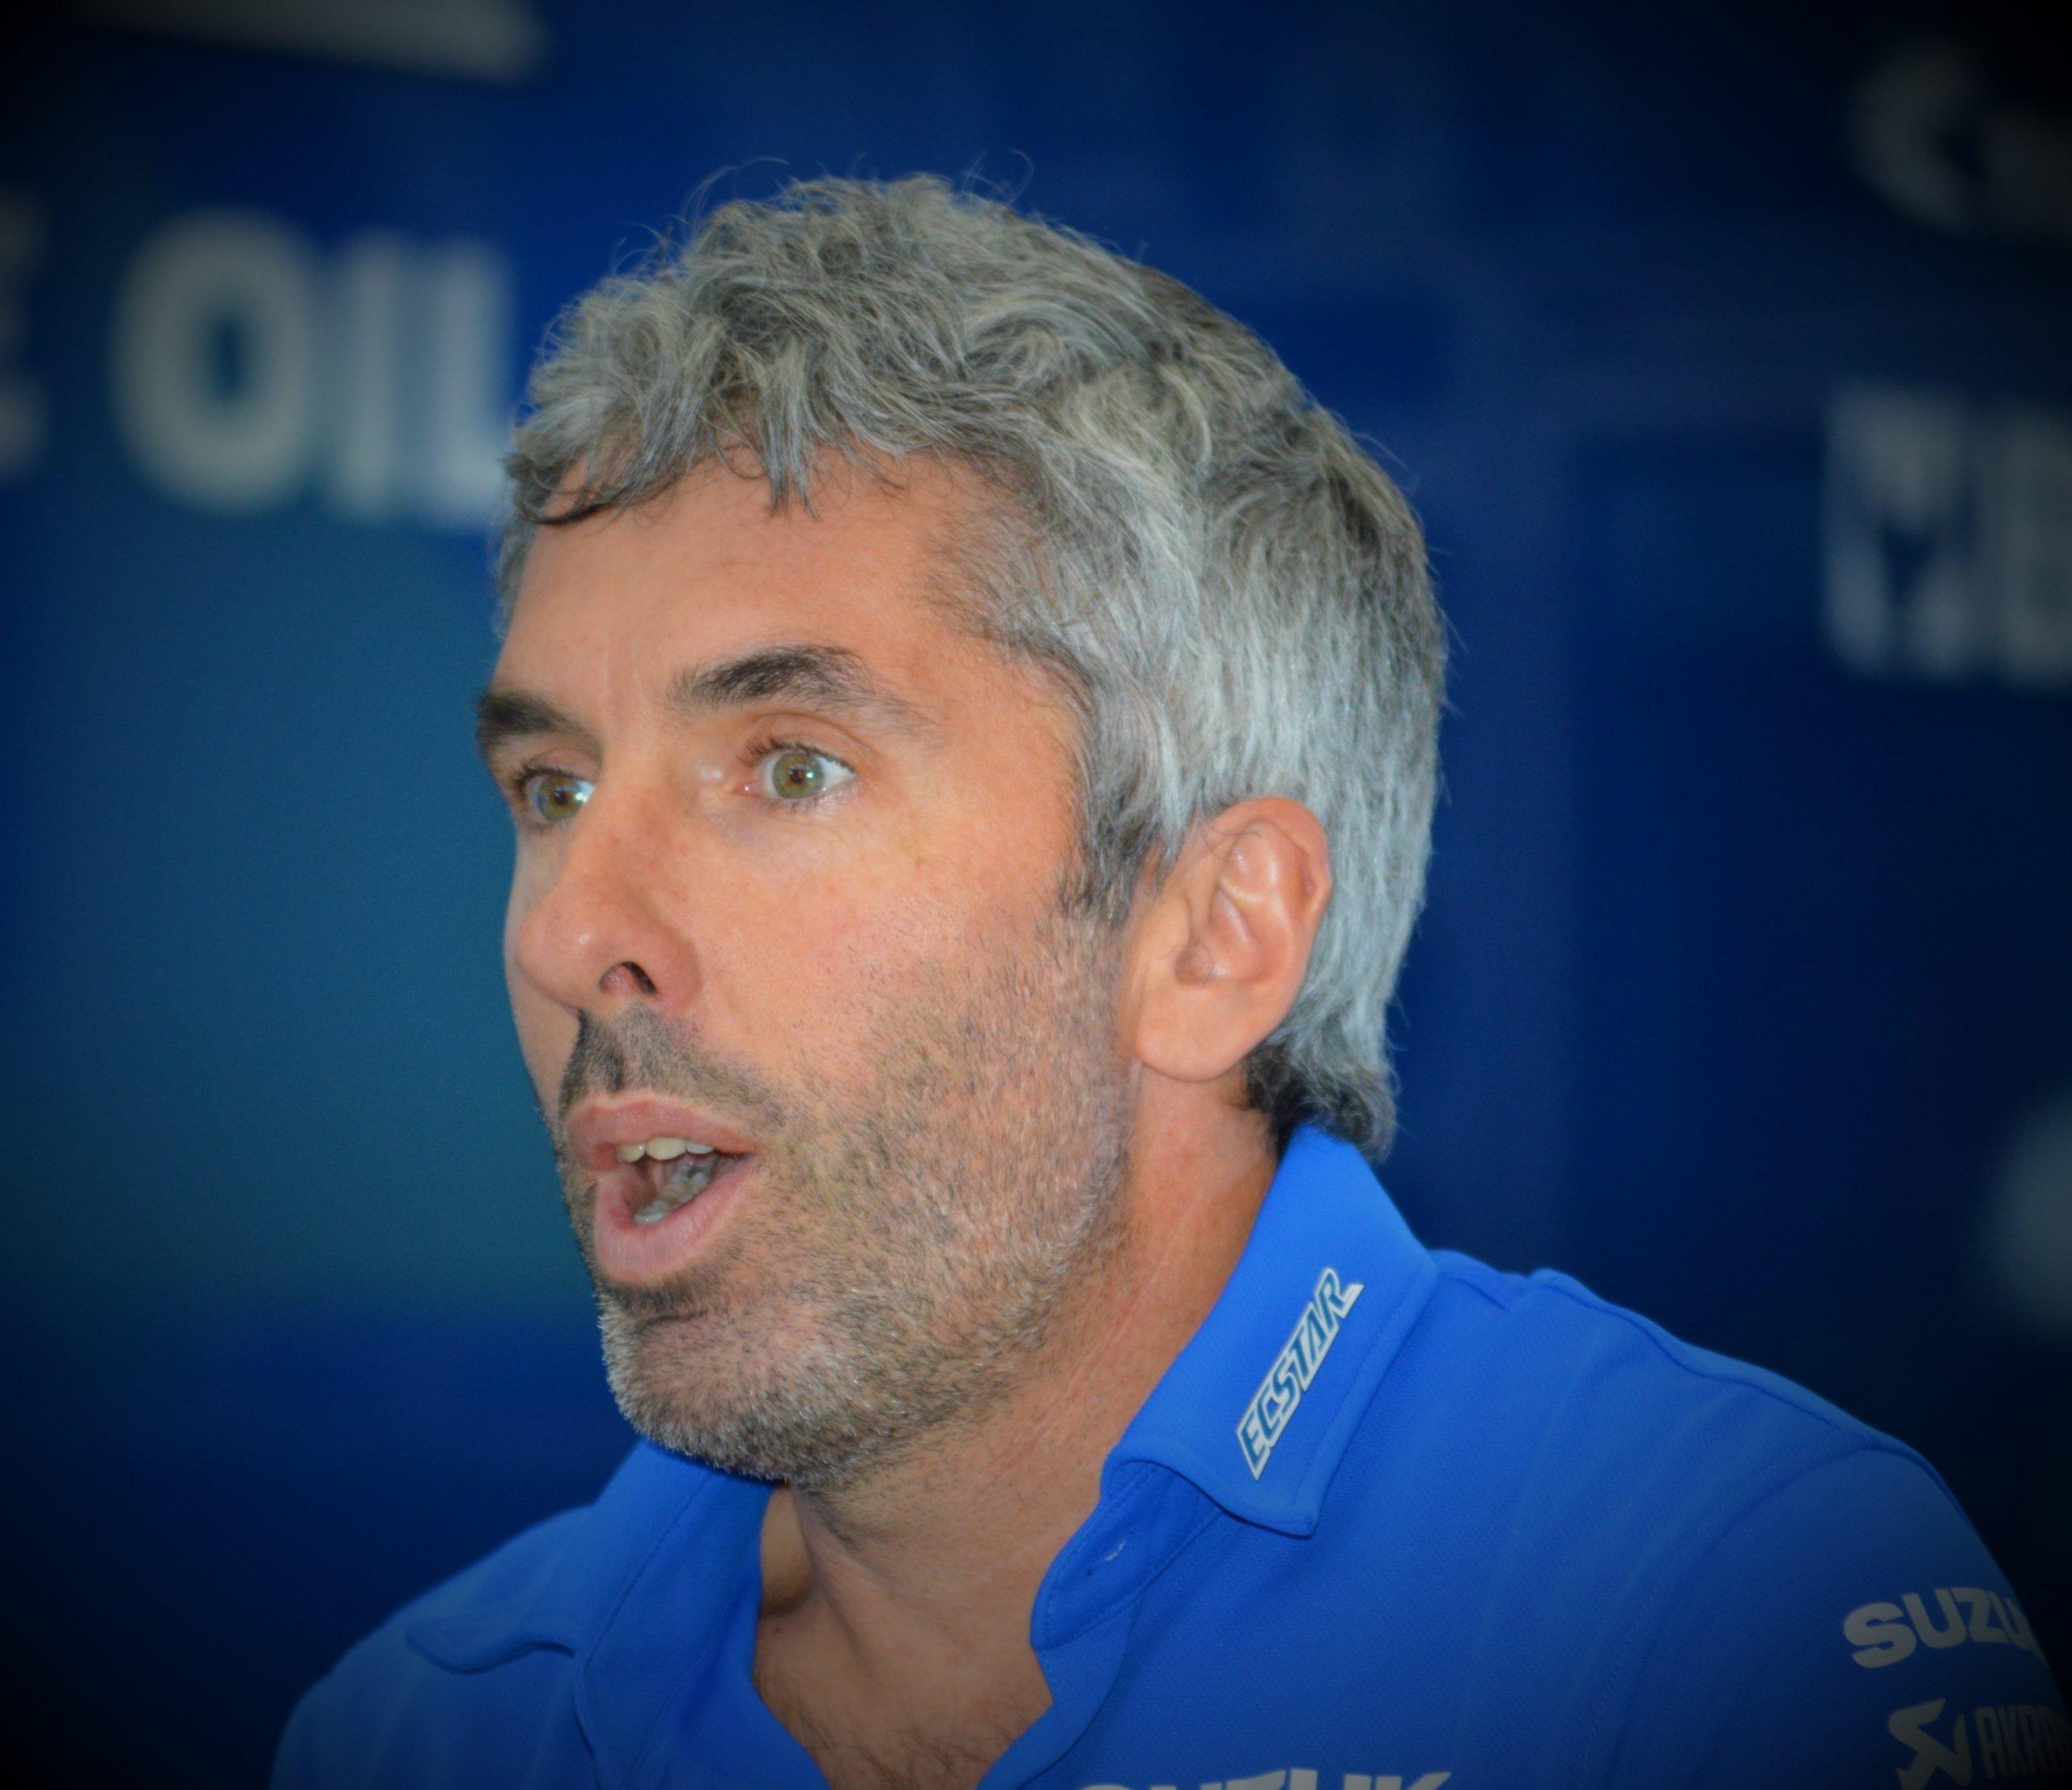 Entrevista con Manuel Cazeaux. Lo que le mueve, lo que le falta a Suzuki para optar al título y su futuro.